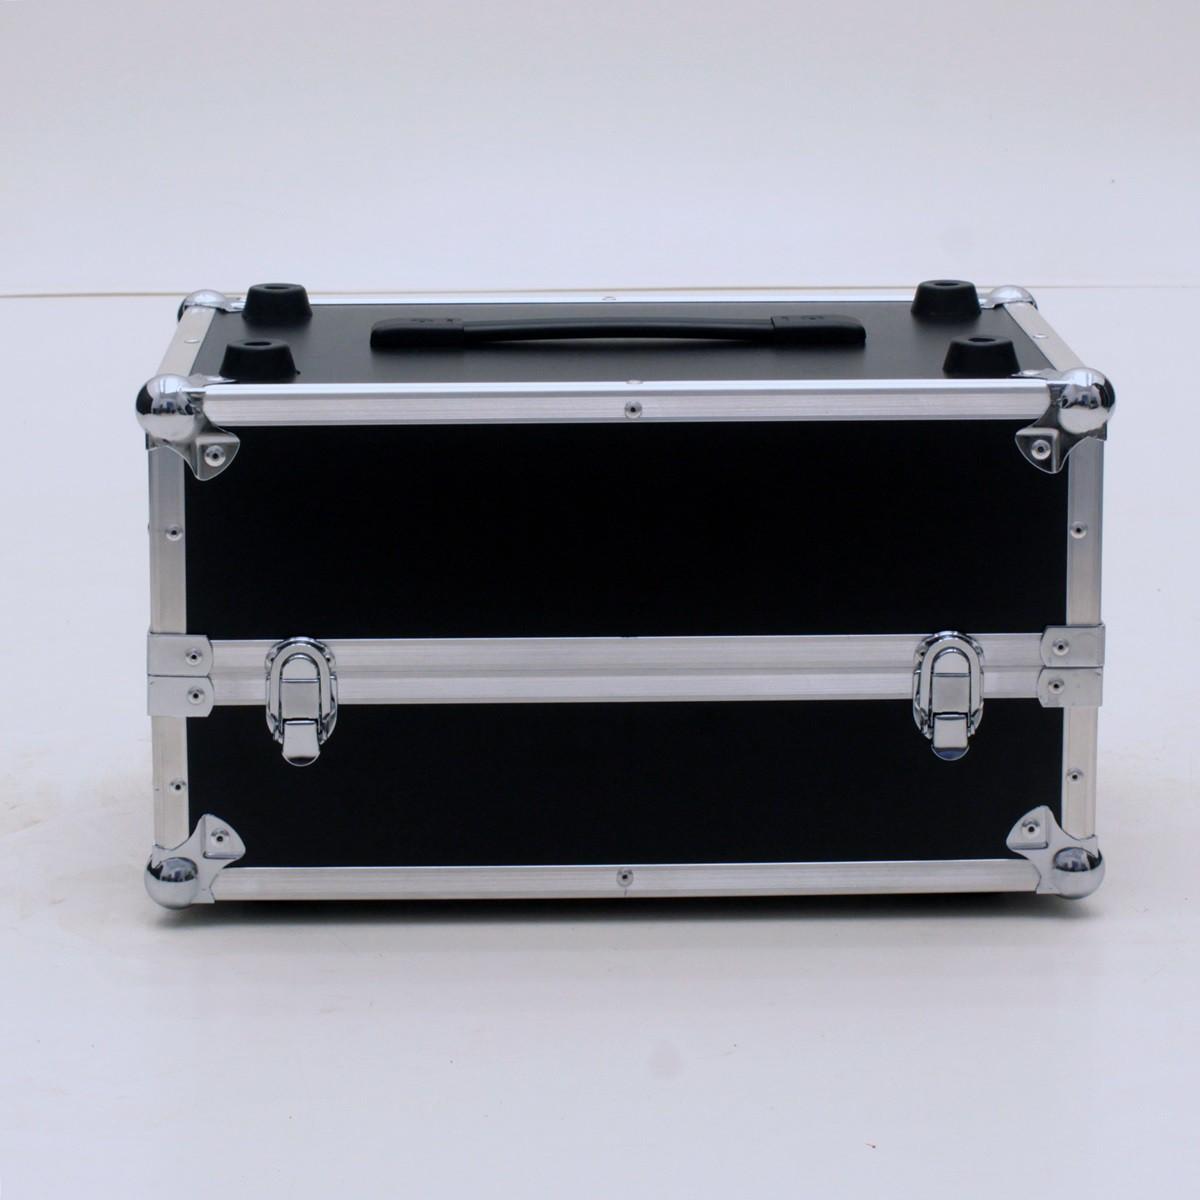 Case Vinil Compacto *SEMINOVO* 19x25x28,8